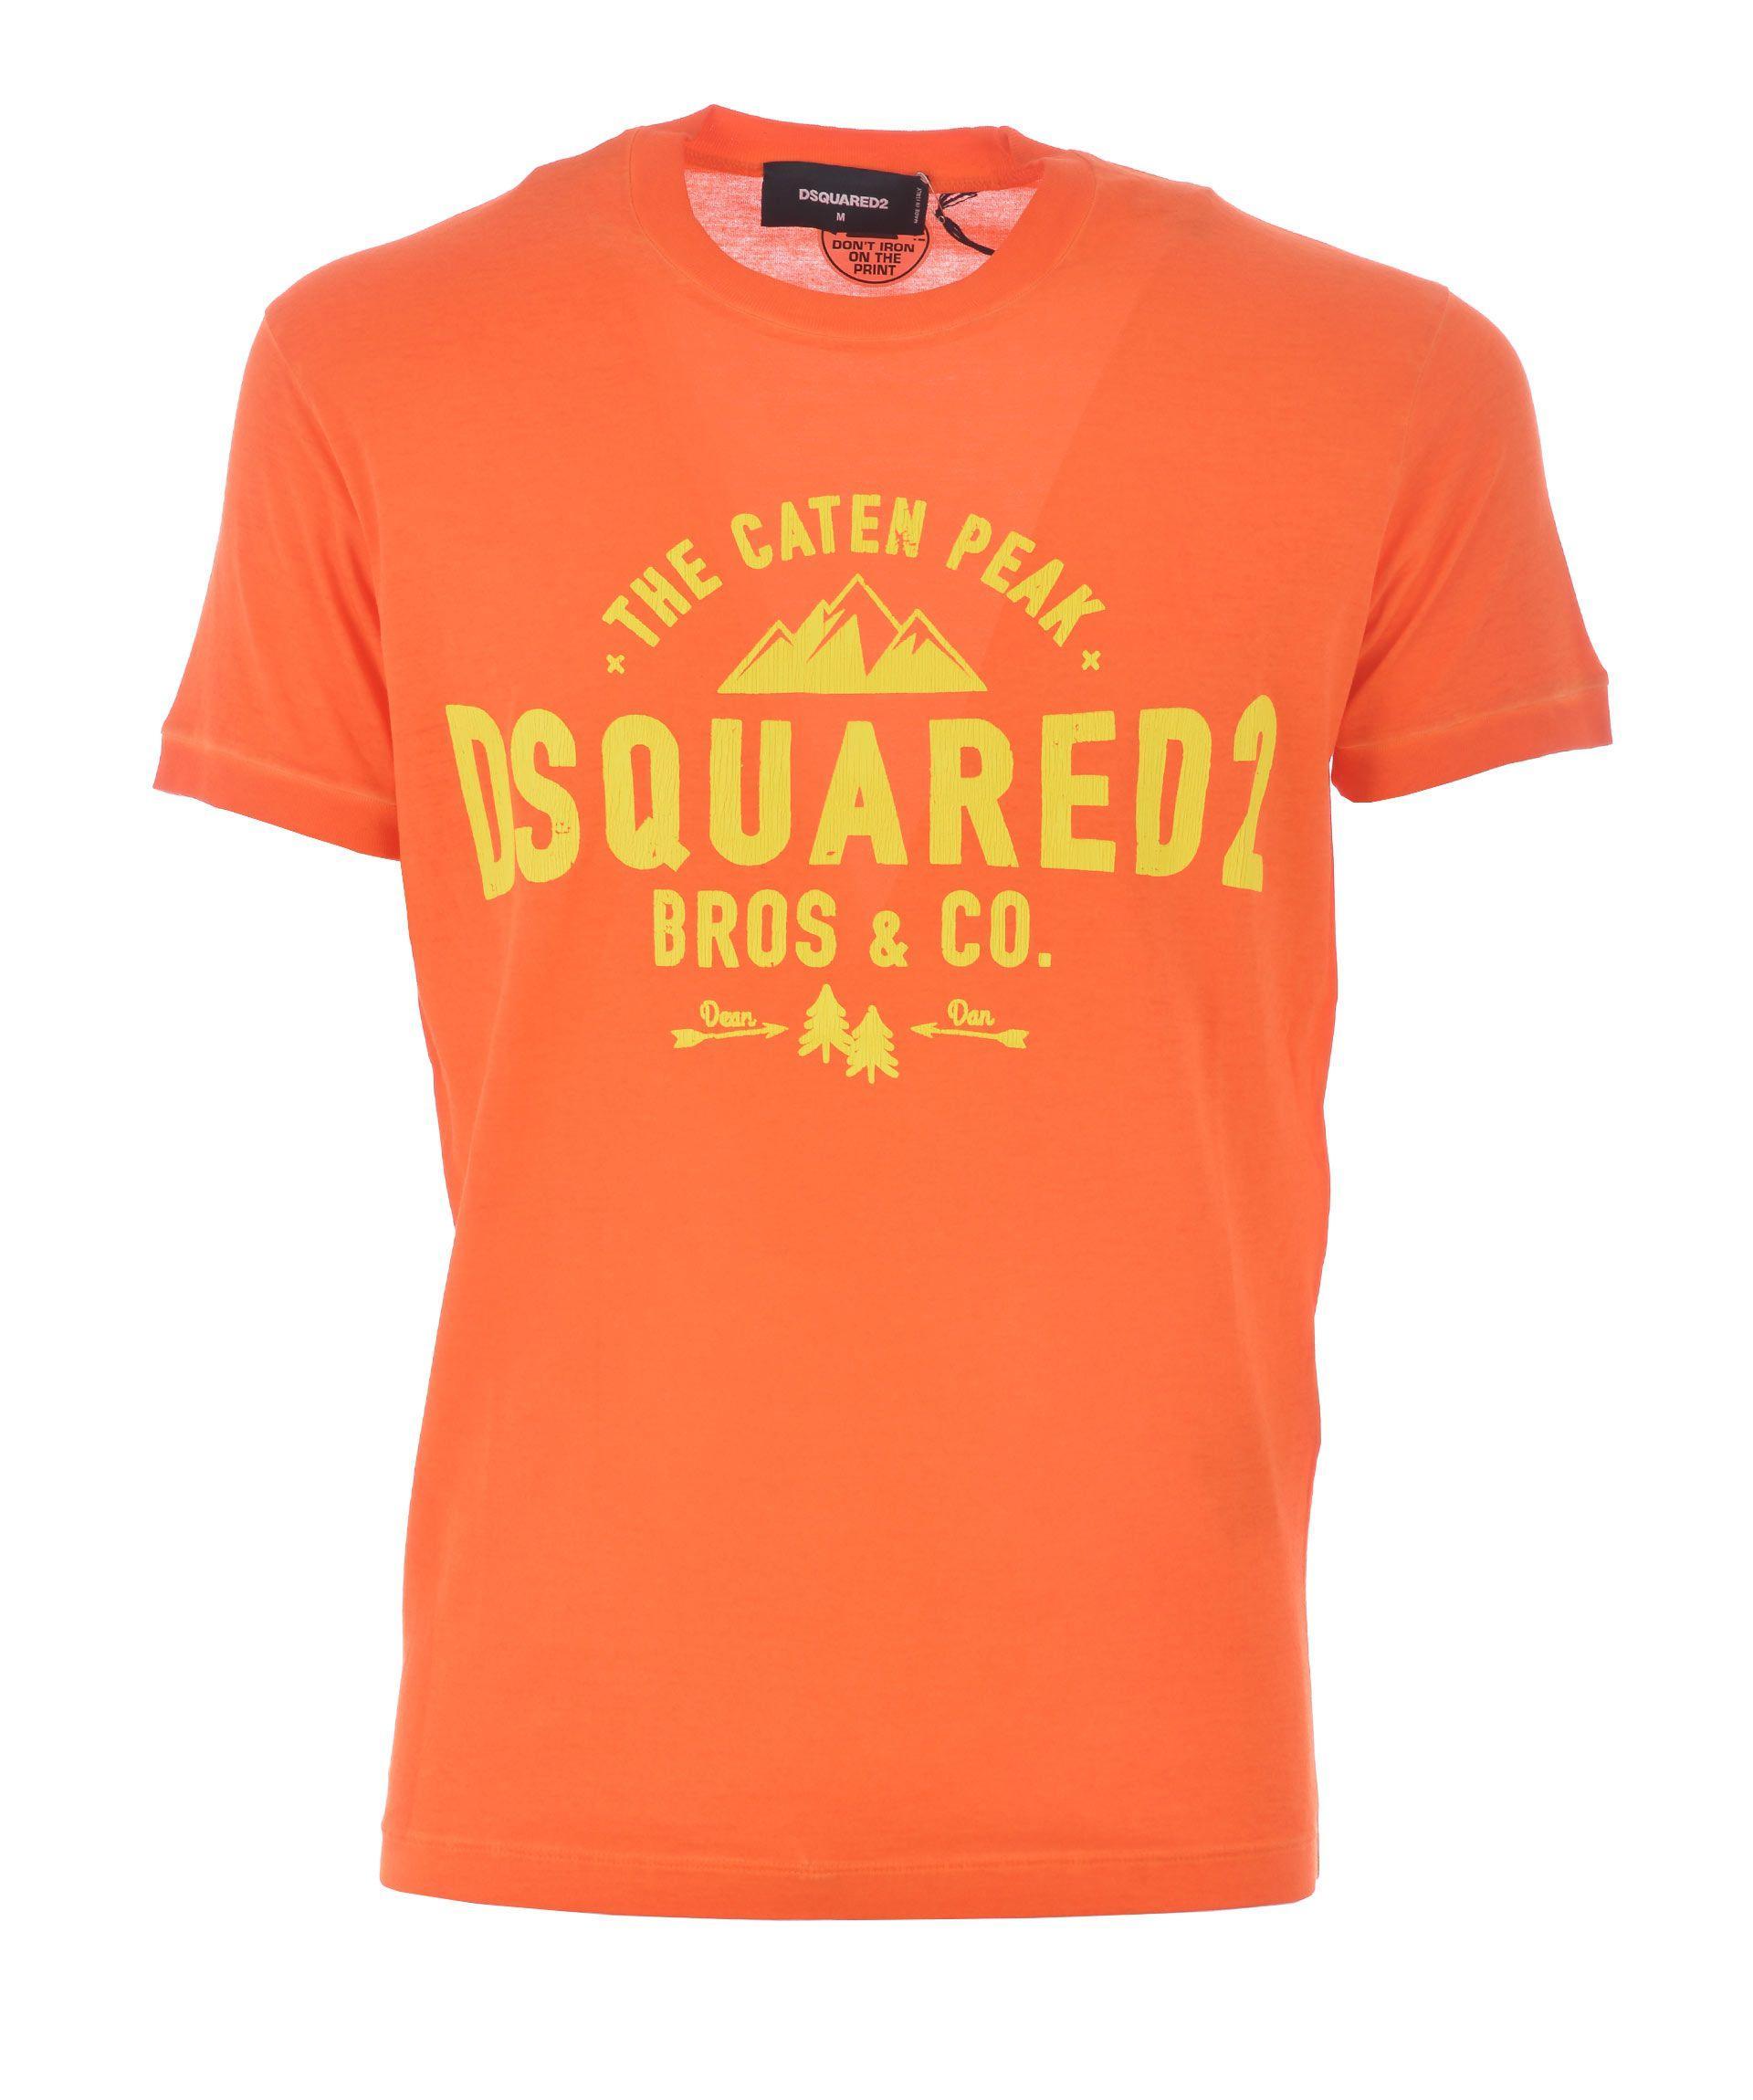 Dsquared2 Caten Peak Printed T-Shirt In Arancio